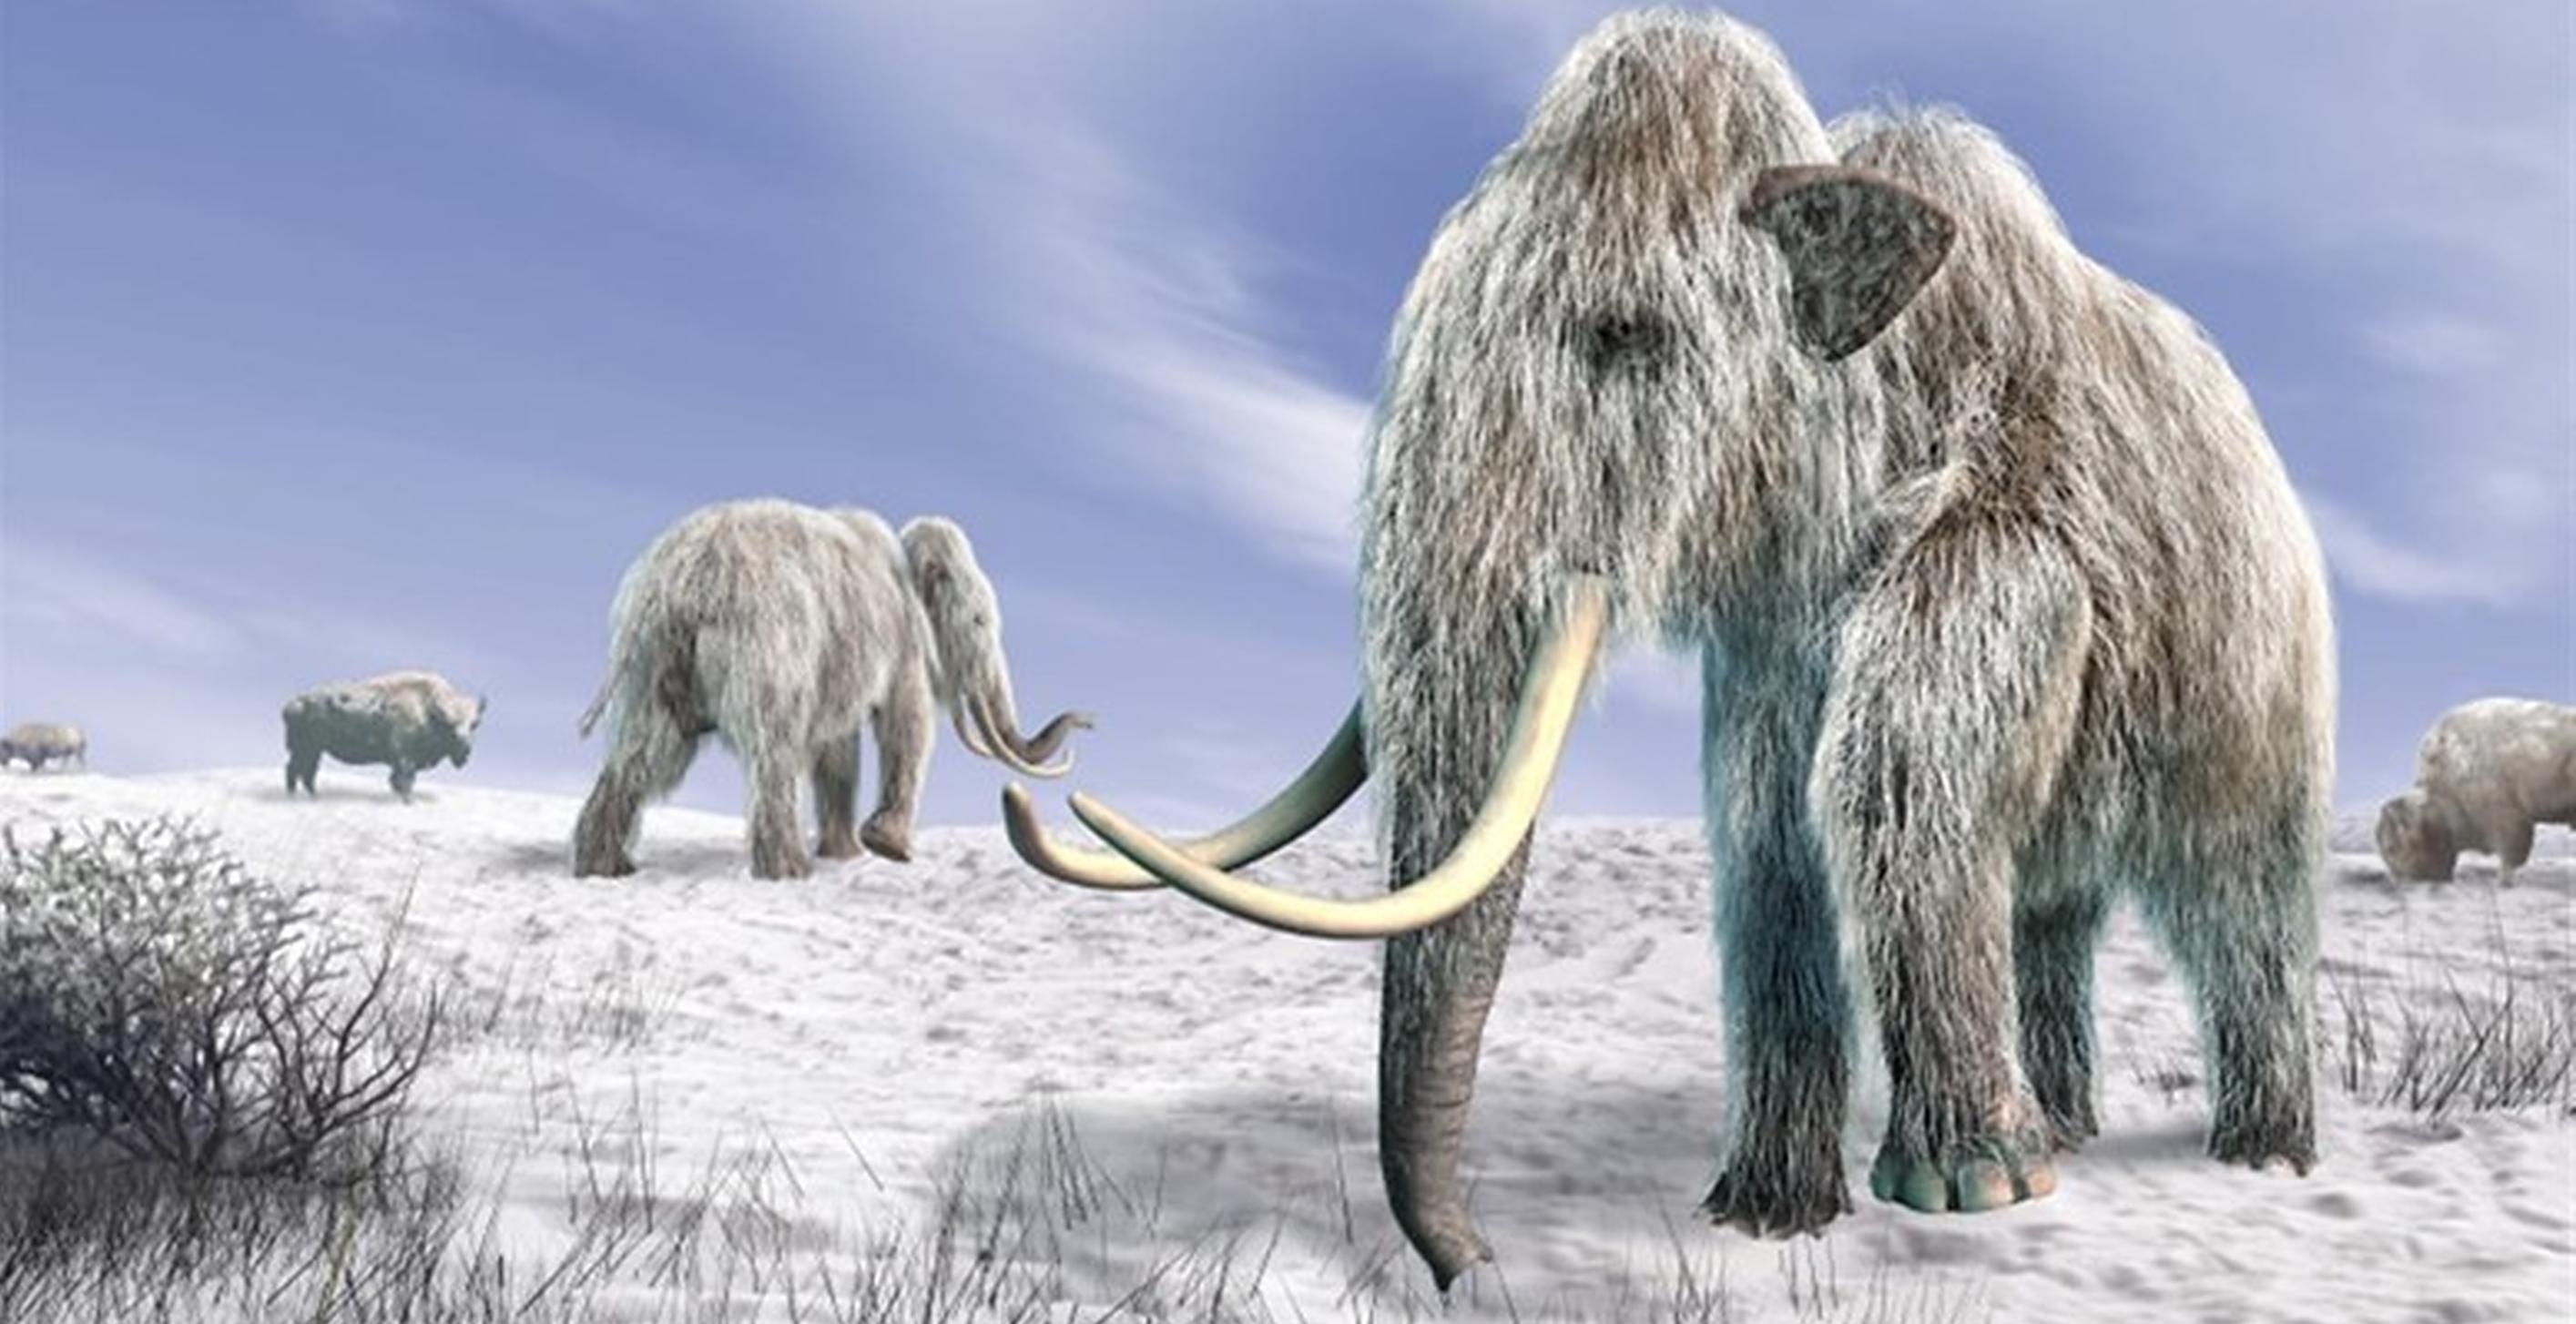 Americanii clonează mamuți lânoși, animale dispărute acum 4.000 de ani